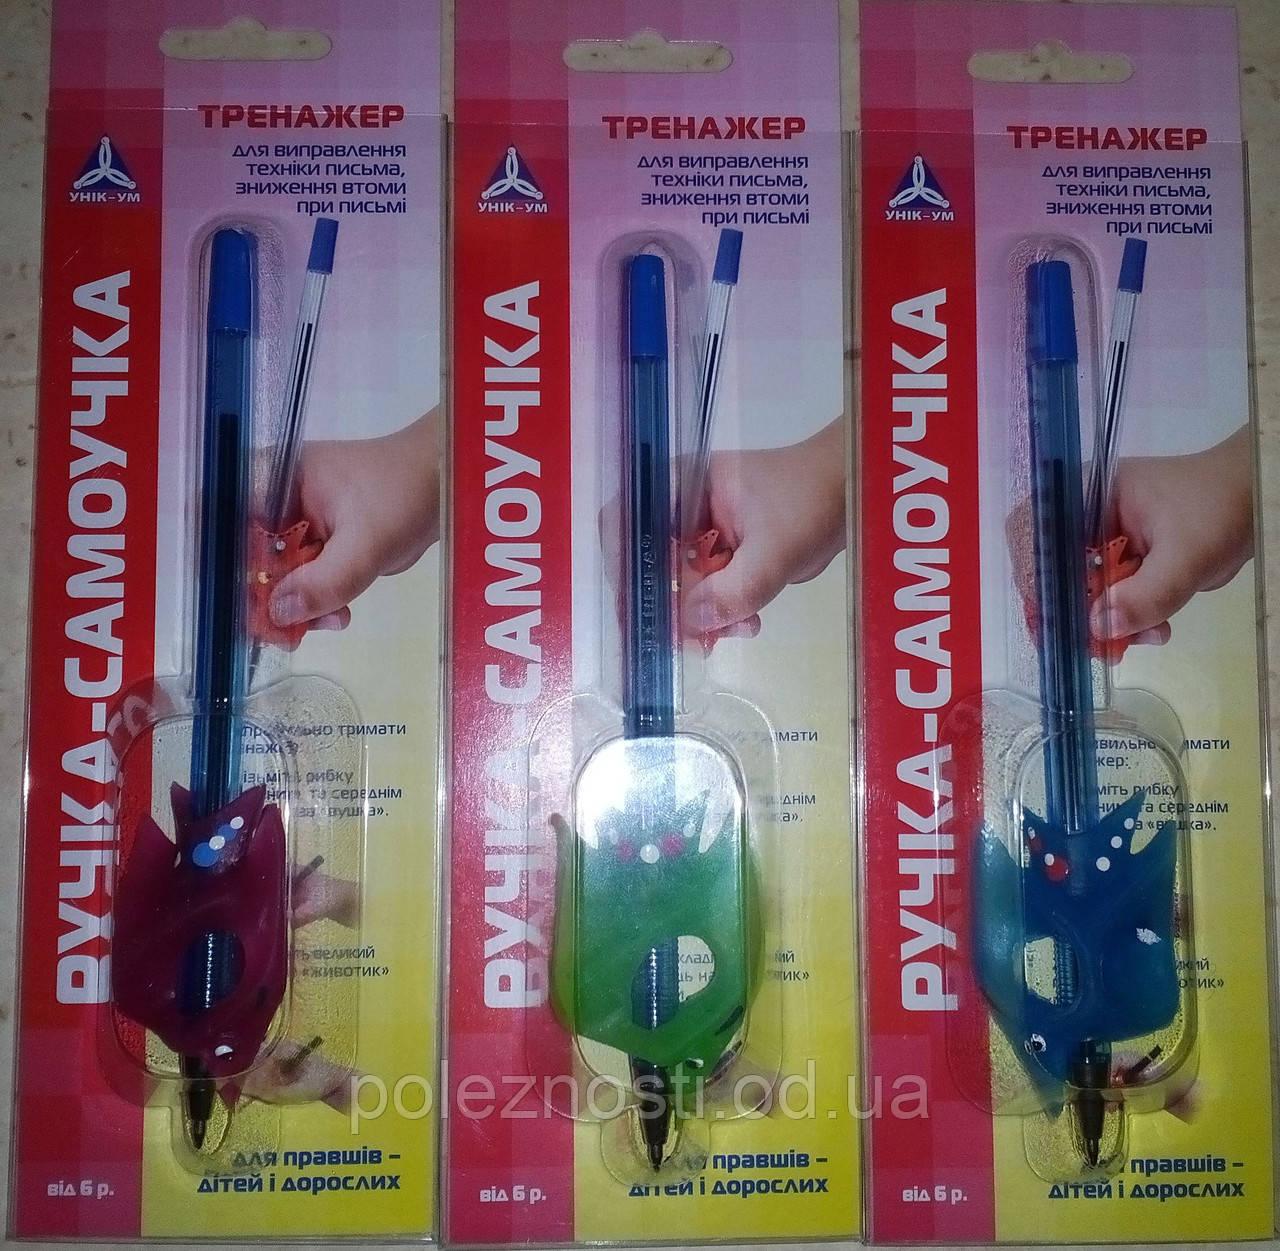 Тренажер Ручка-самоучка, для коррекции письма (для детей от 6 лет, подростков и взрослых) в наличии фиолетовые